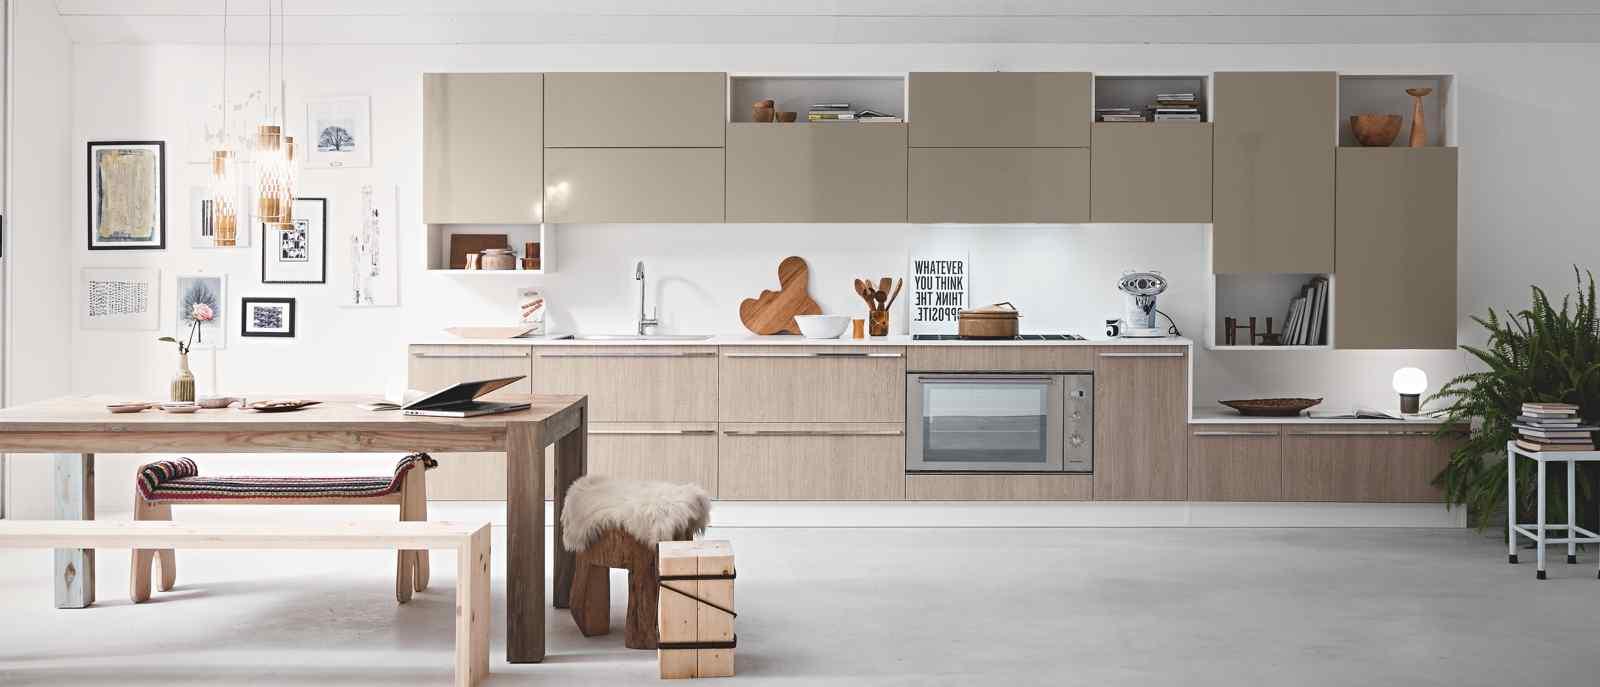 De style scandinave cette cuisine équipée aux lignes horizontales et verticales, au doux mélange de bois chêne clair rayé, gris tourterelle et blanc brillant, exprime modernité et tendance